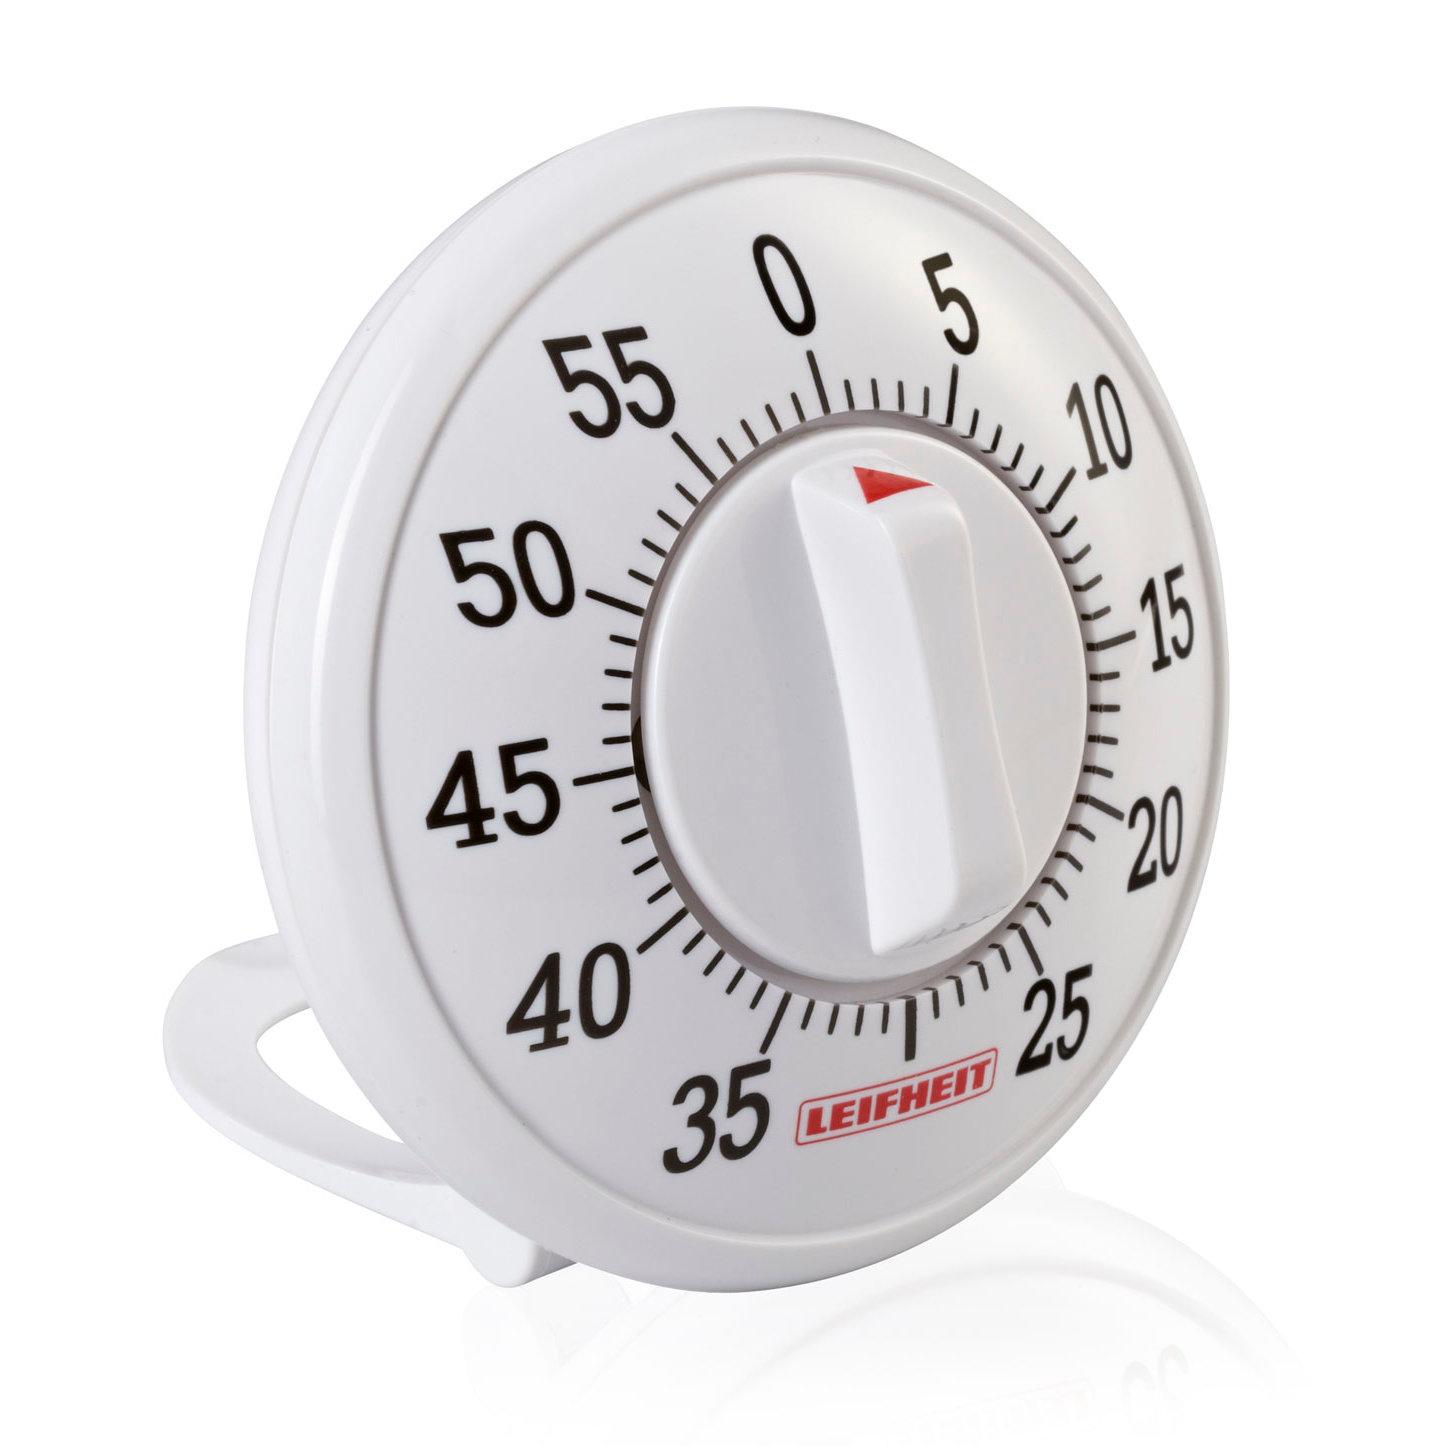 Таймер кухонный Leifheit Signature механический, 60 минут